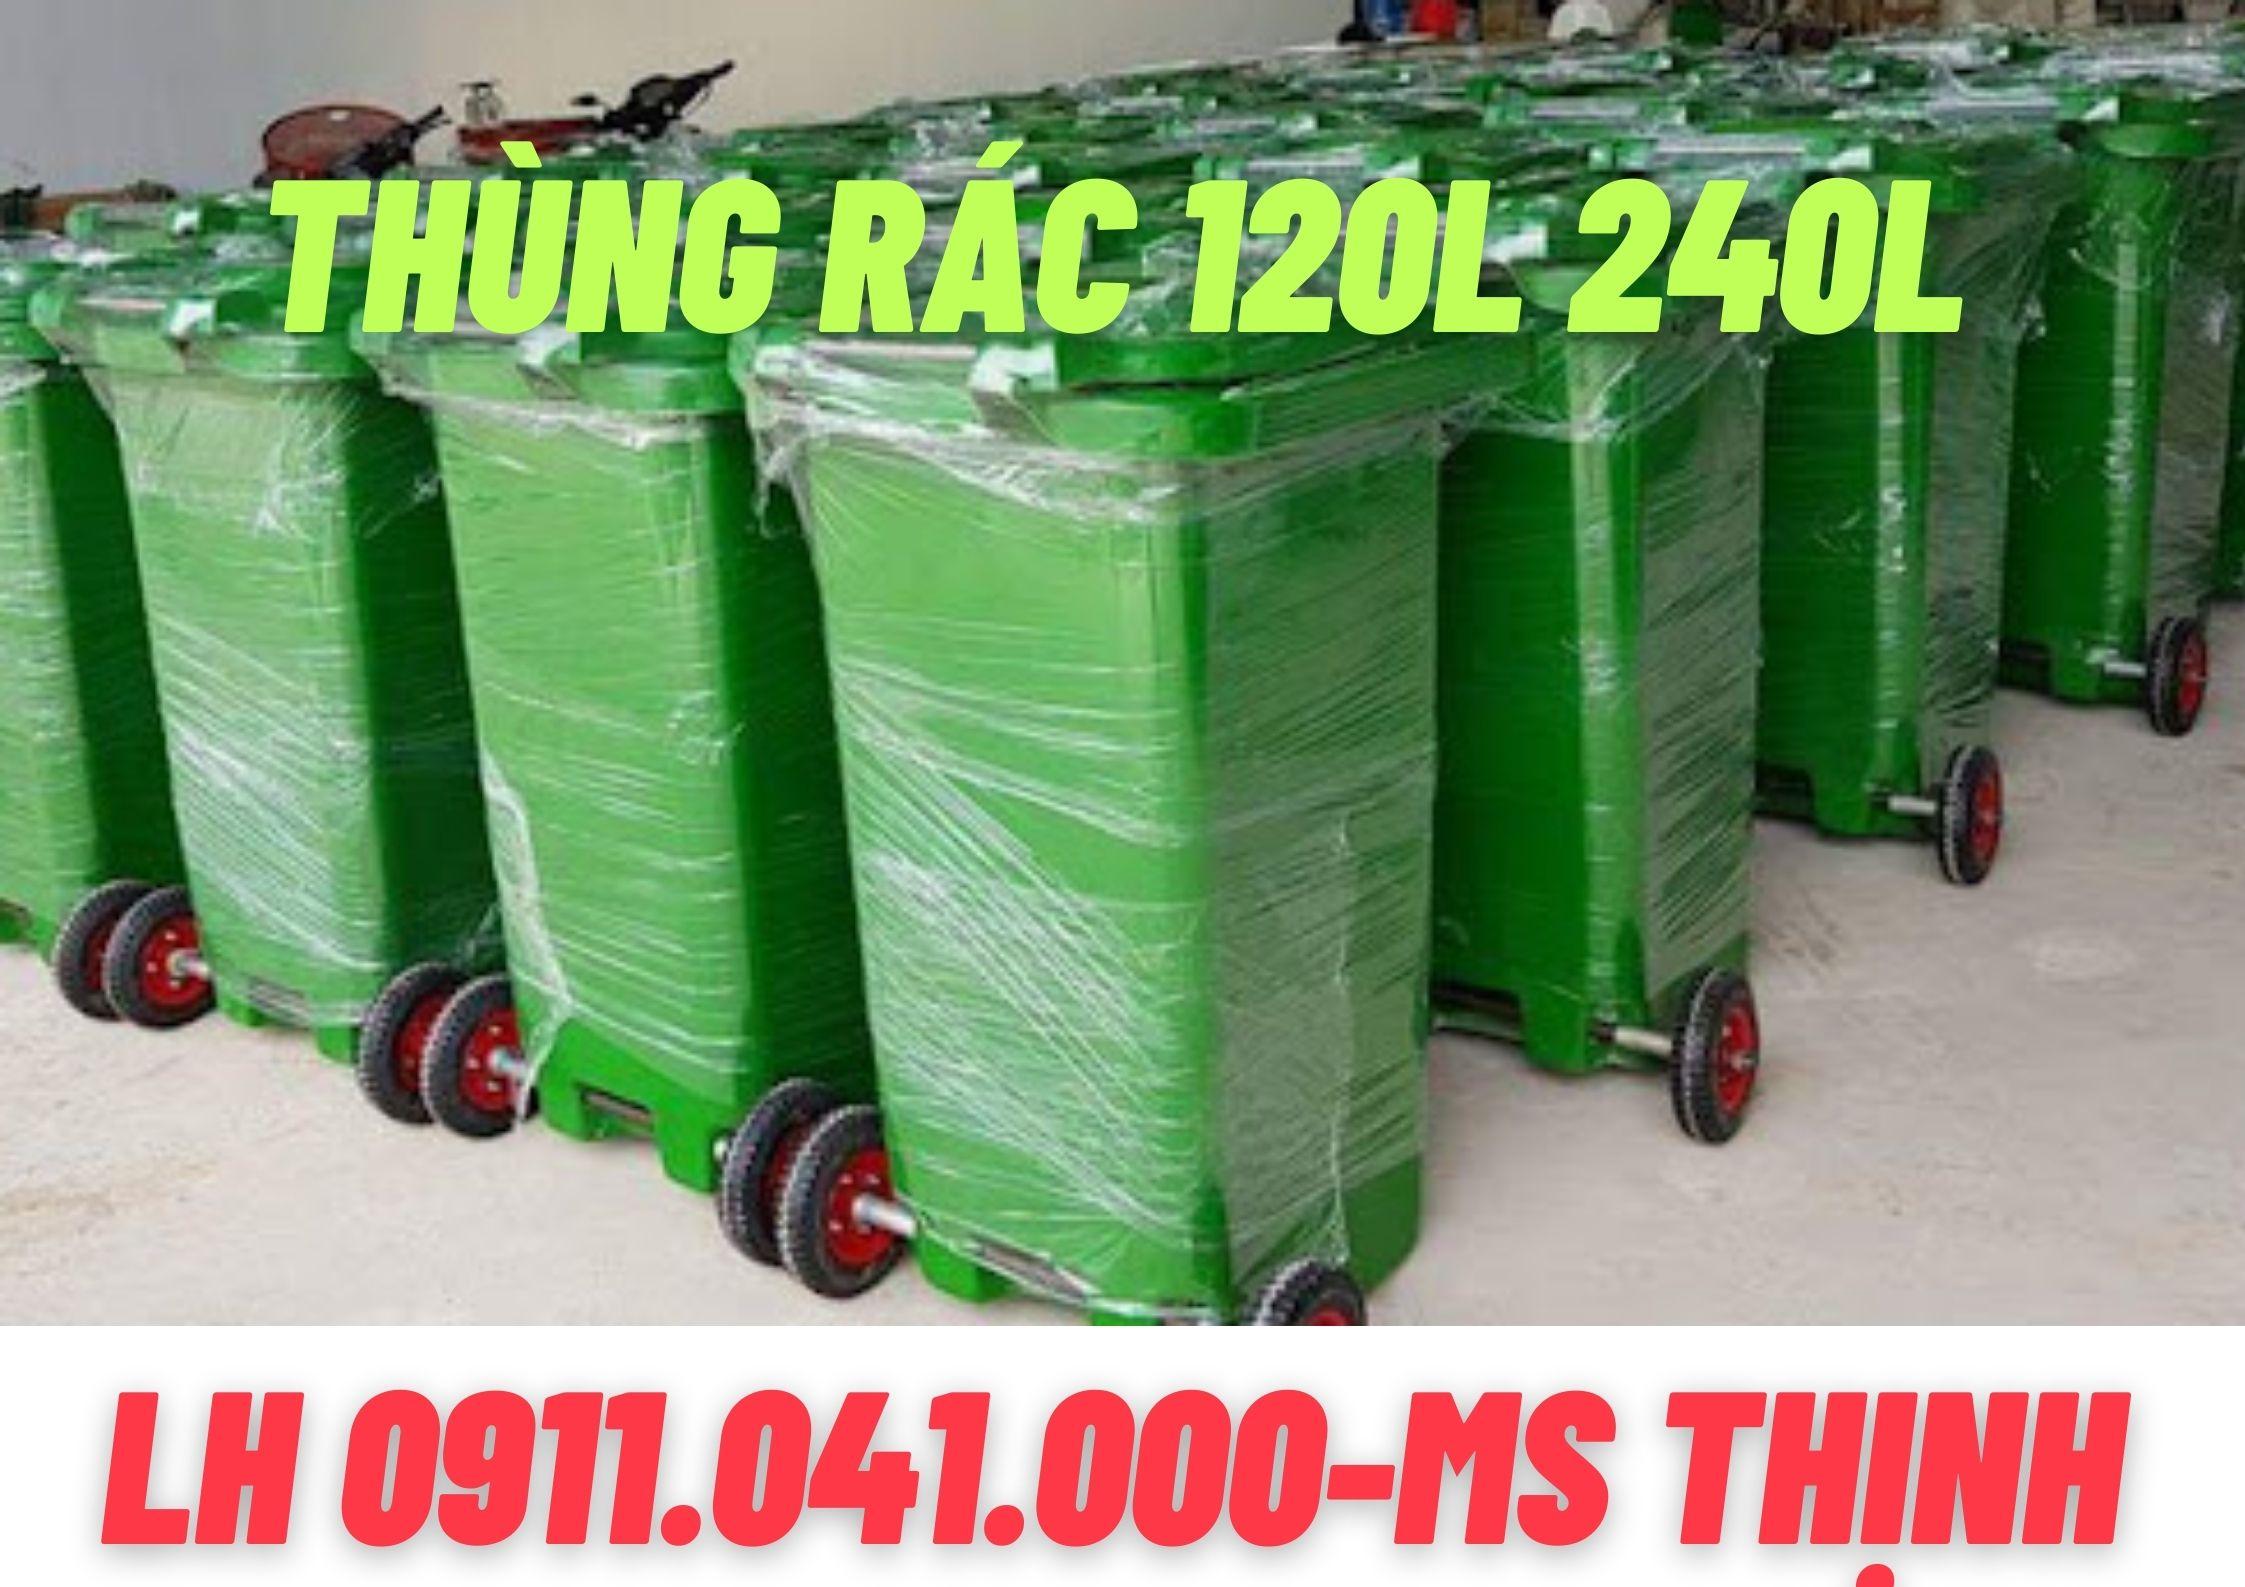 Thùng rác 120lit 240lit thùng rác sỉ lẻ giá rẻ 0911.041.000